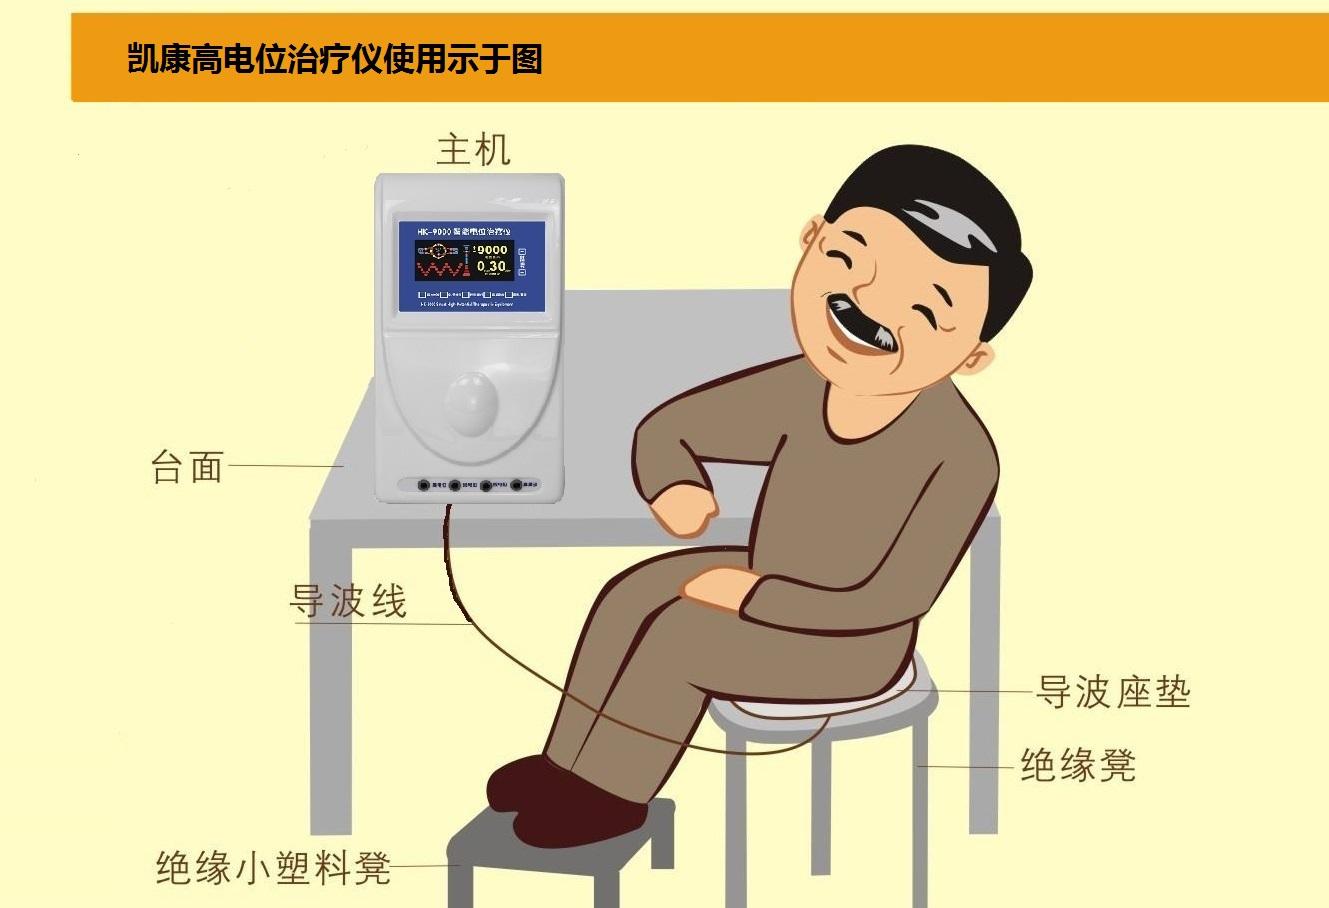 高电位治疗仪品牌 高电位治疗仪排名 高电位治疗仪前十名